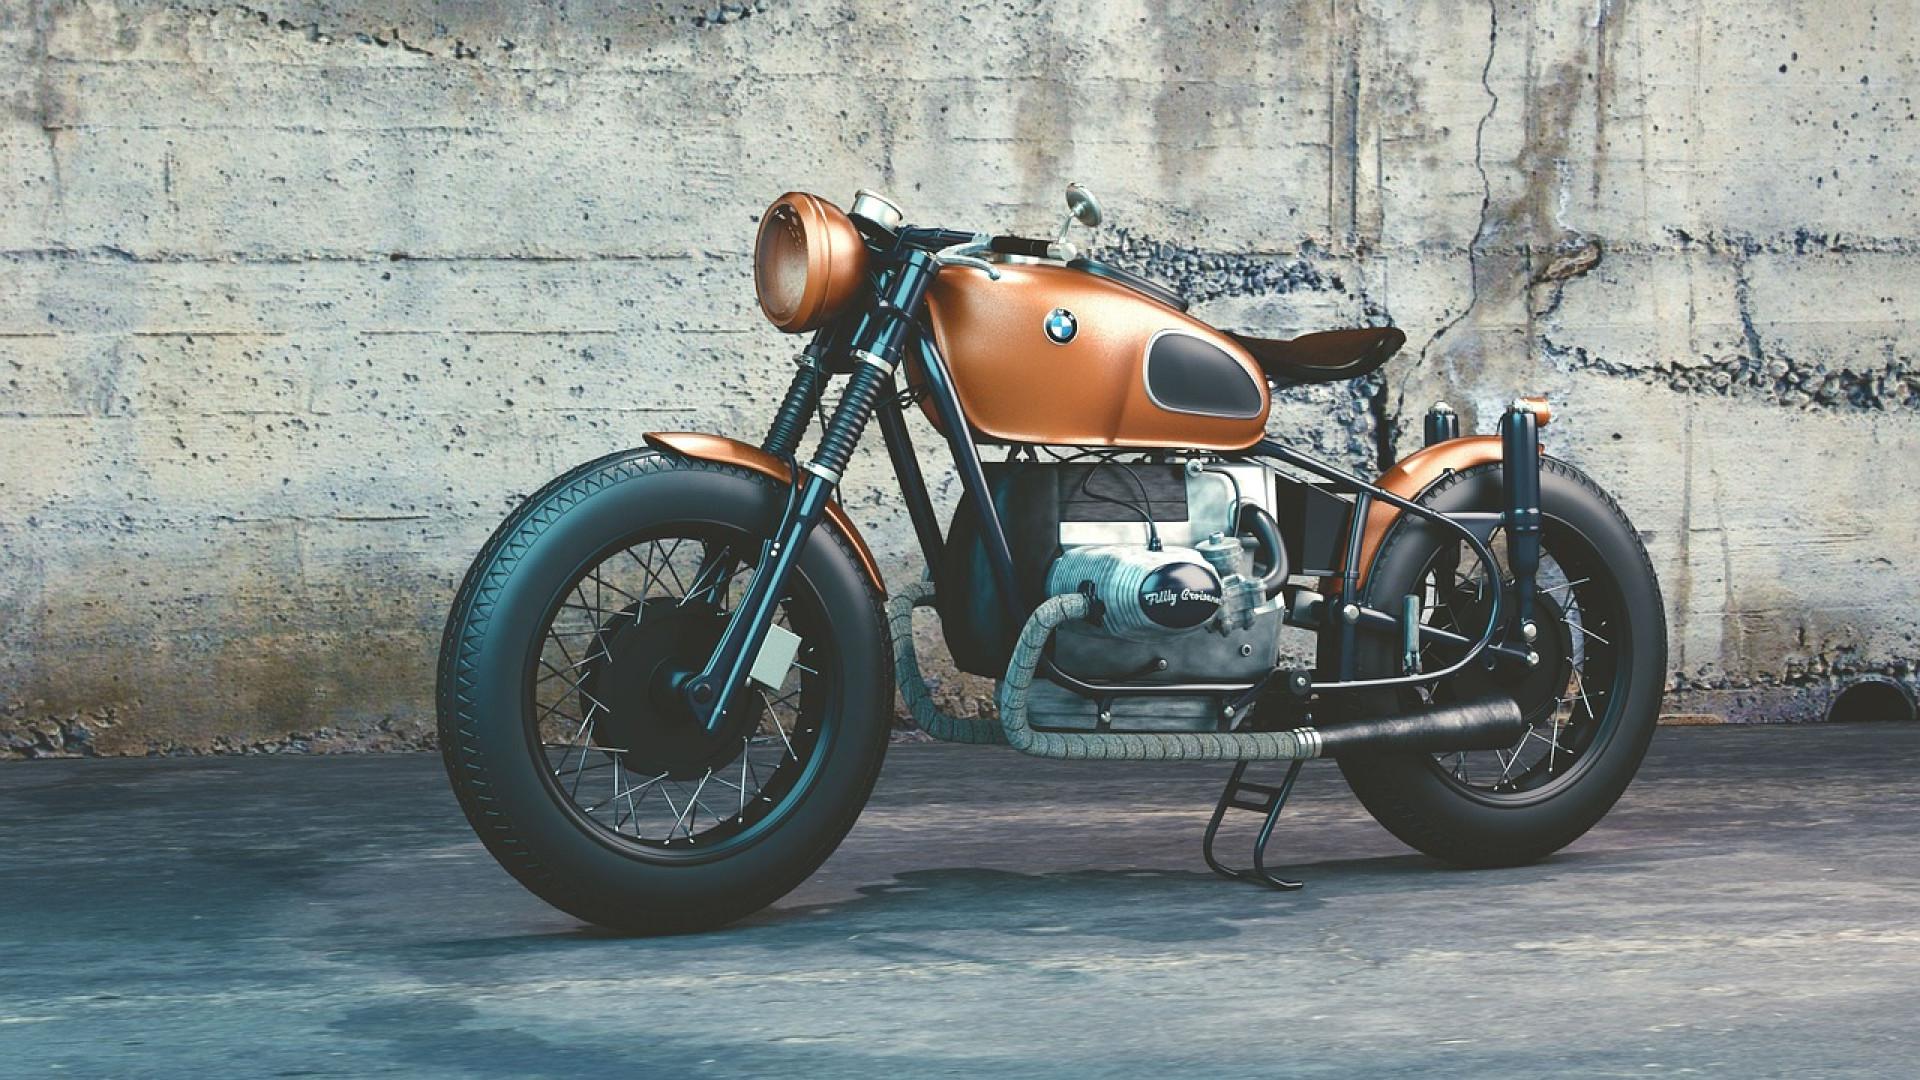 Des pièces détachées pour votre moto BMW